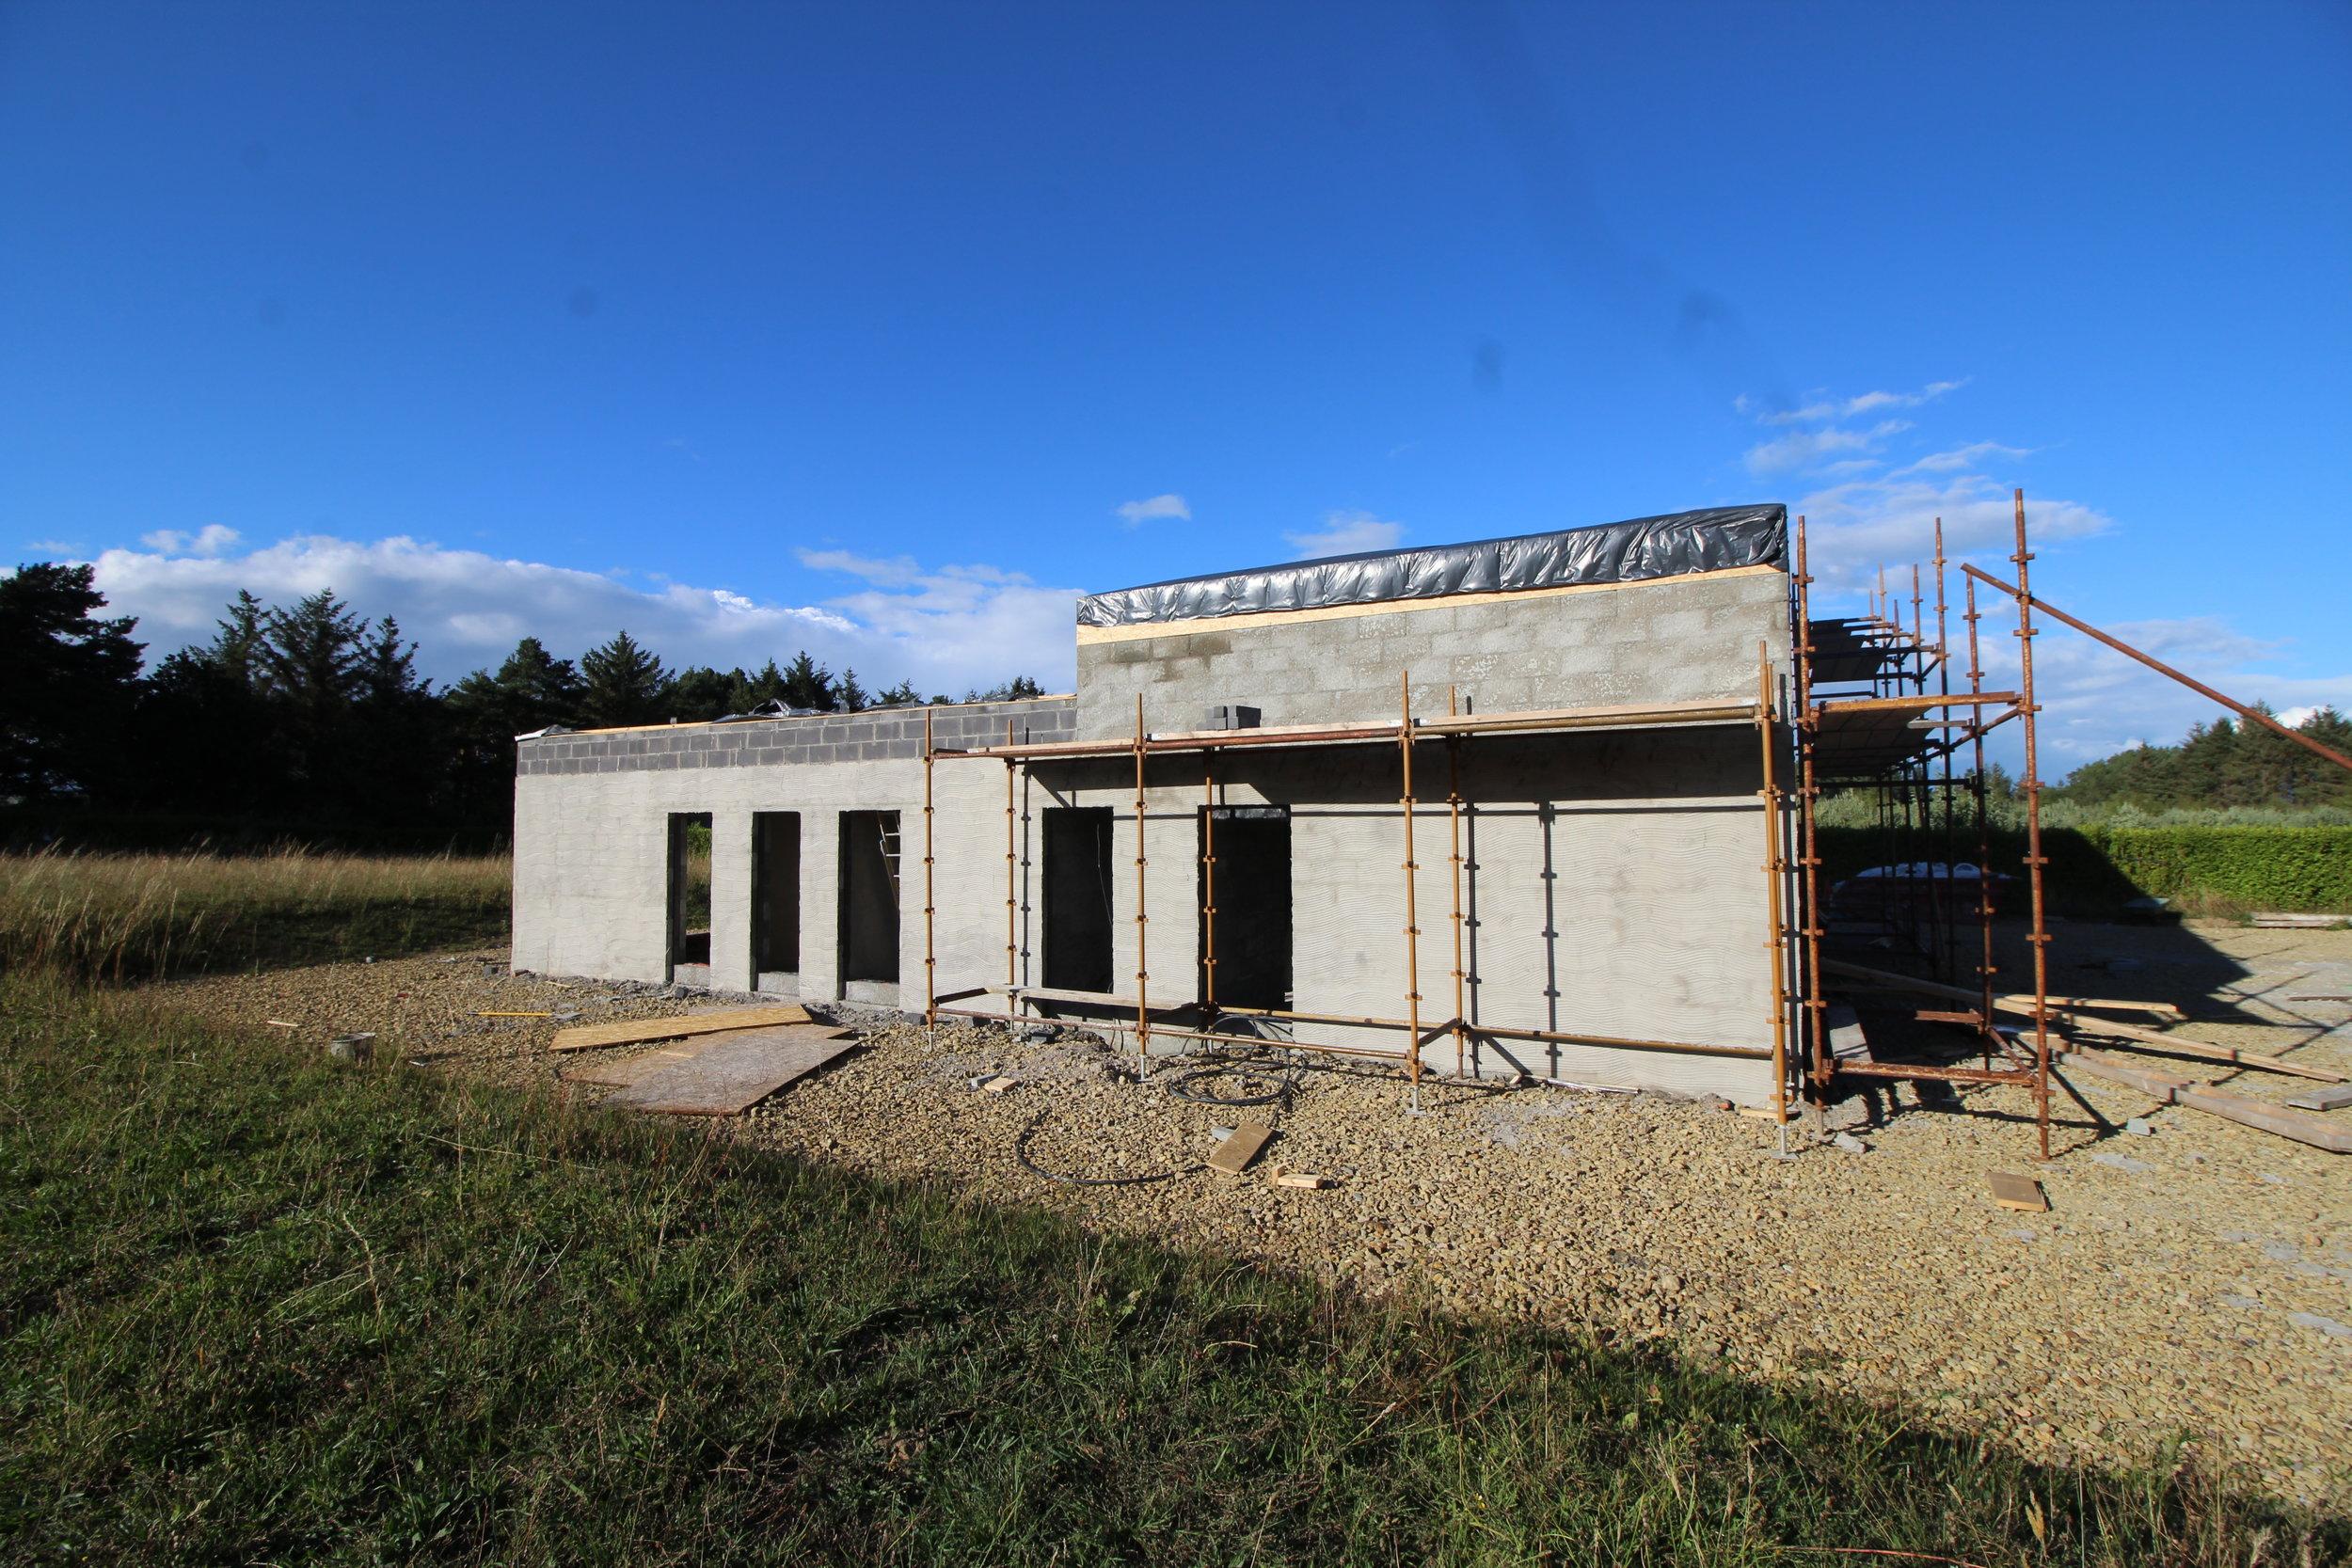 Fibreglass roofing underway